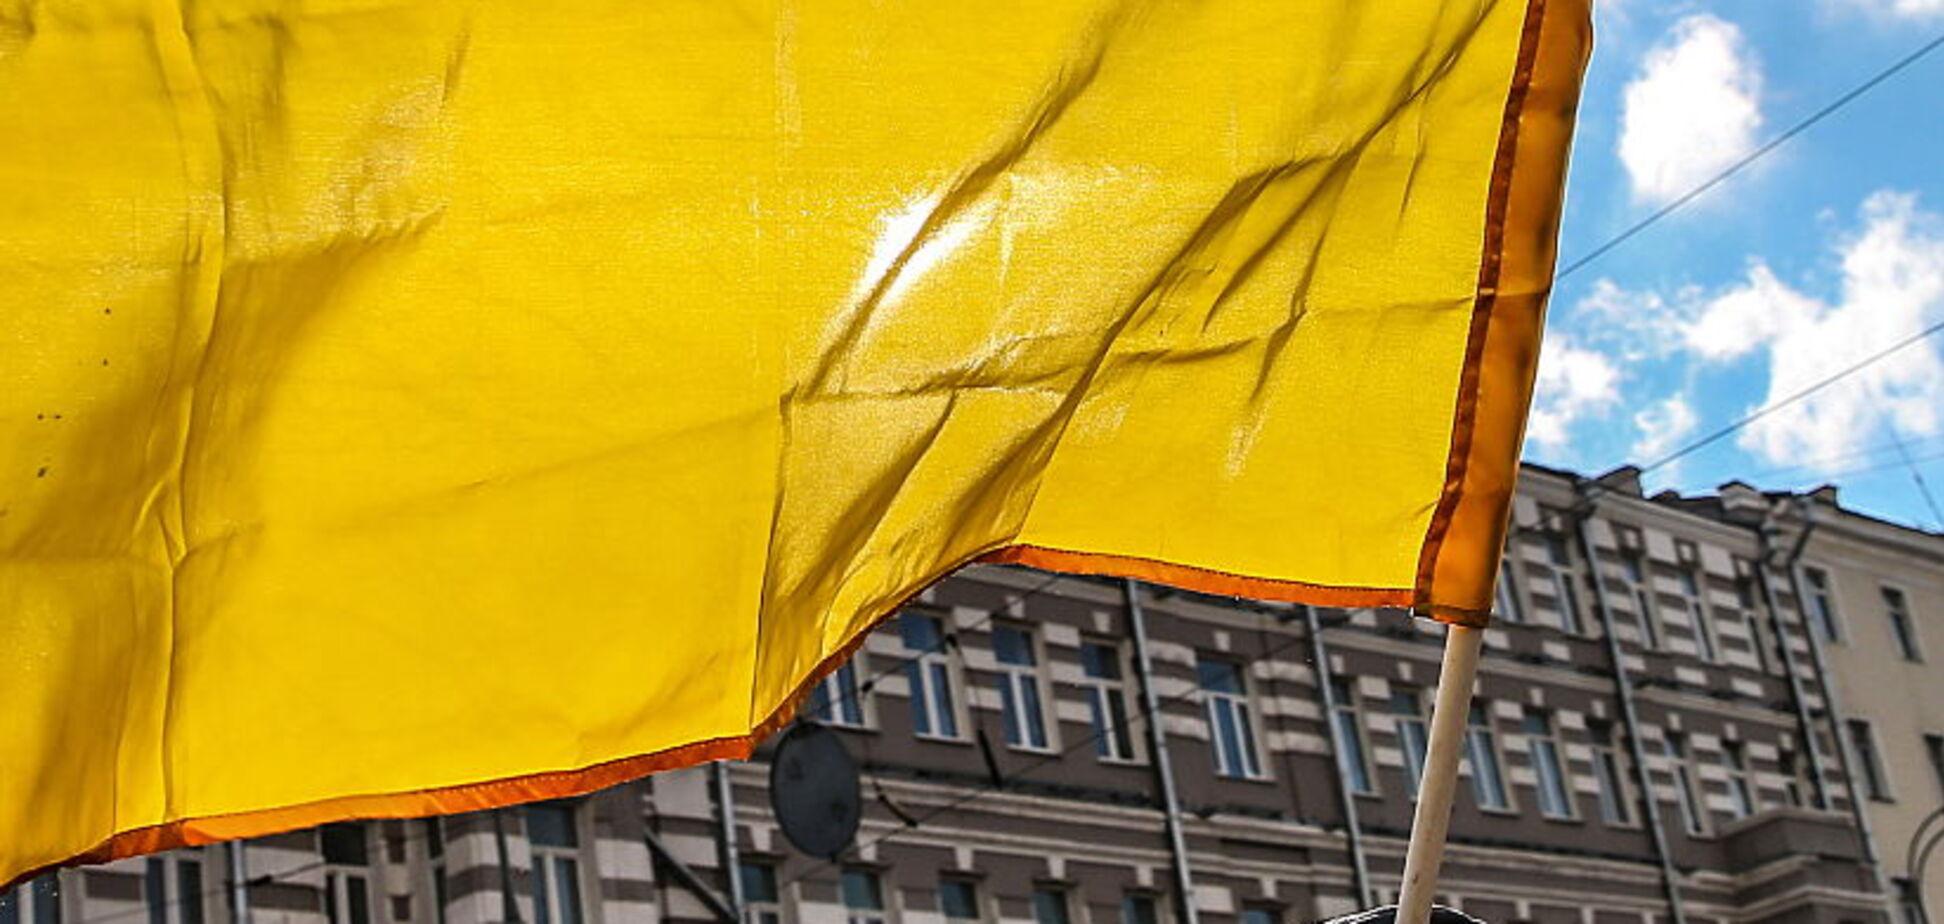 Ситуація в Україні зависла до наступного року: британський експерт дав прогноз